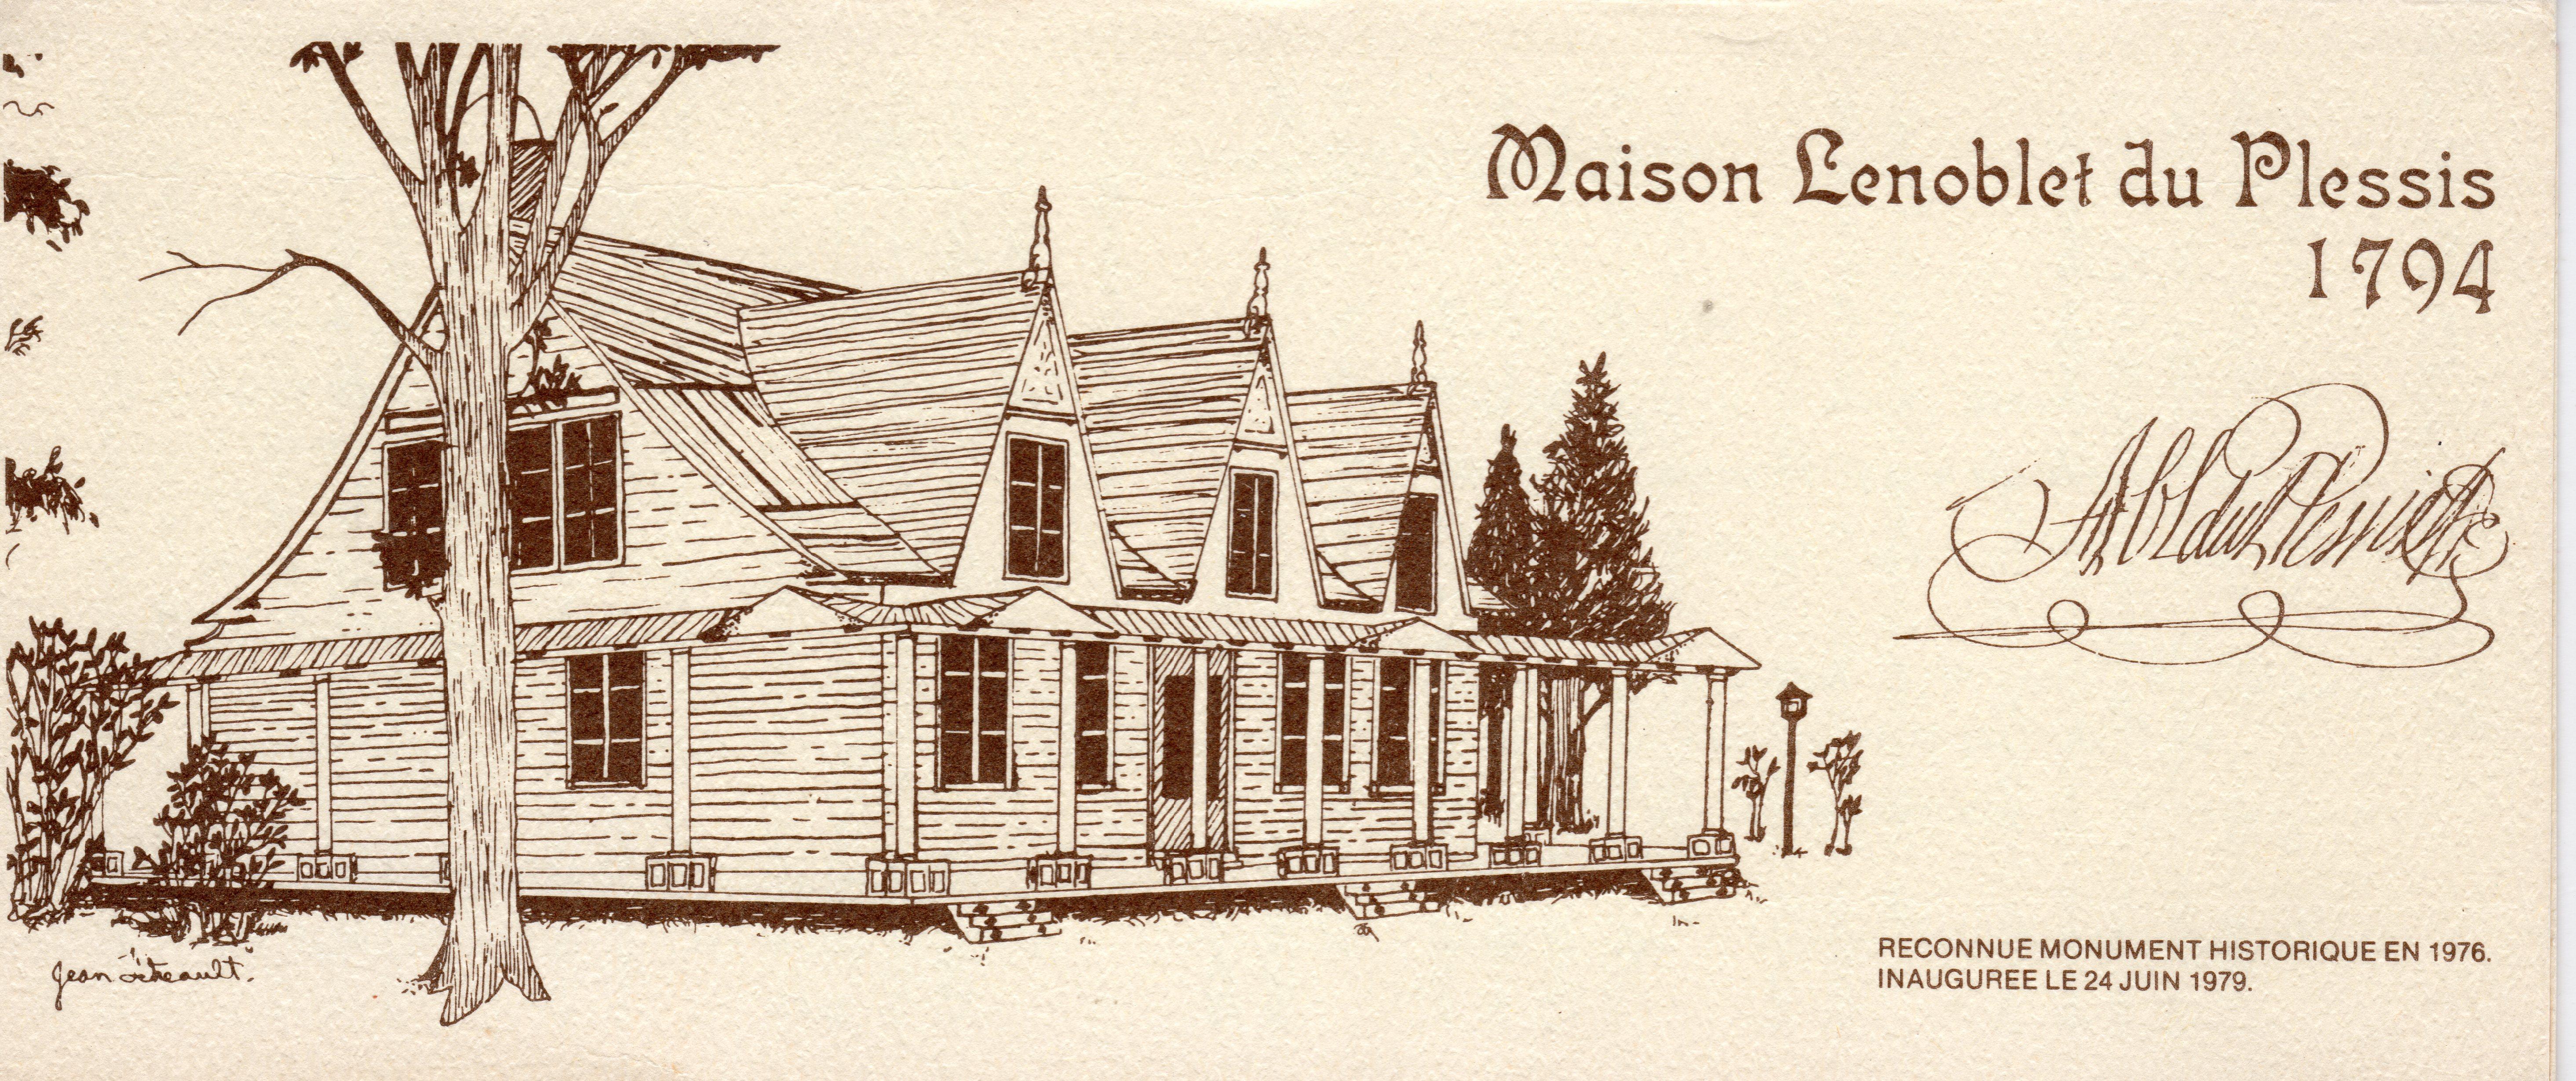 Dessin de La Maison par Jean Tétreault et signature d'Alexis-Carme Lenoblet du Plessis. Source : Dépliant de la Maison Lenoblet-du-Plessis.